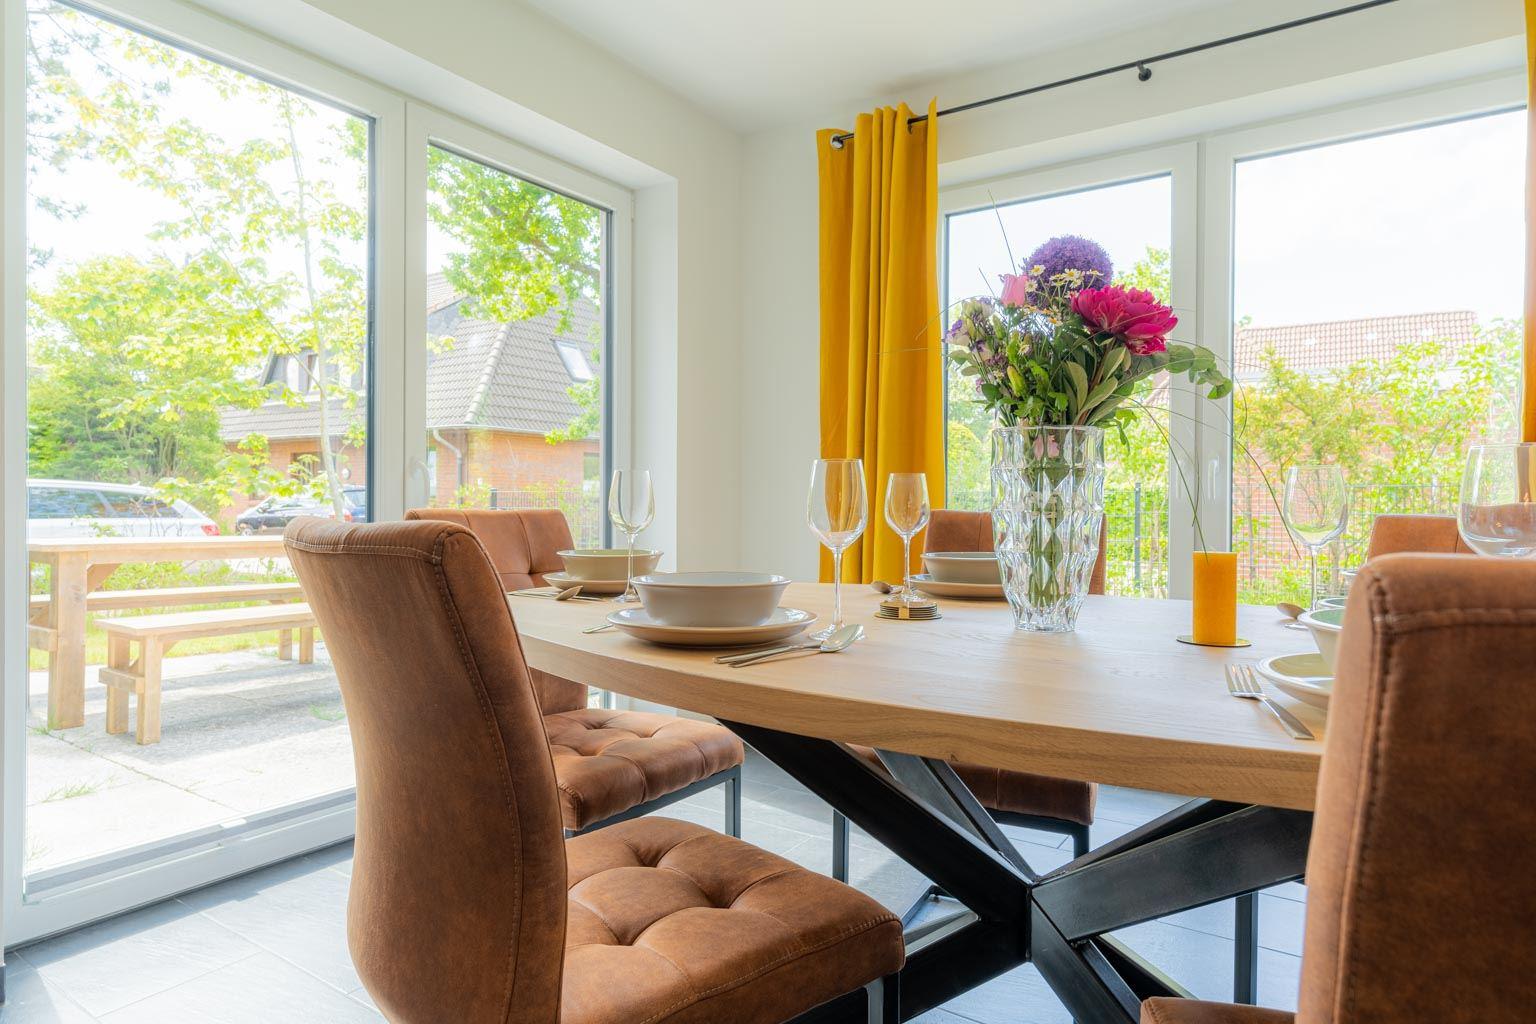 Wohnzimmer mit Essbereich und Terrasse